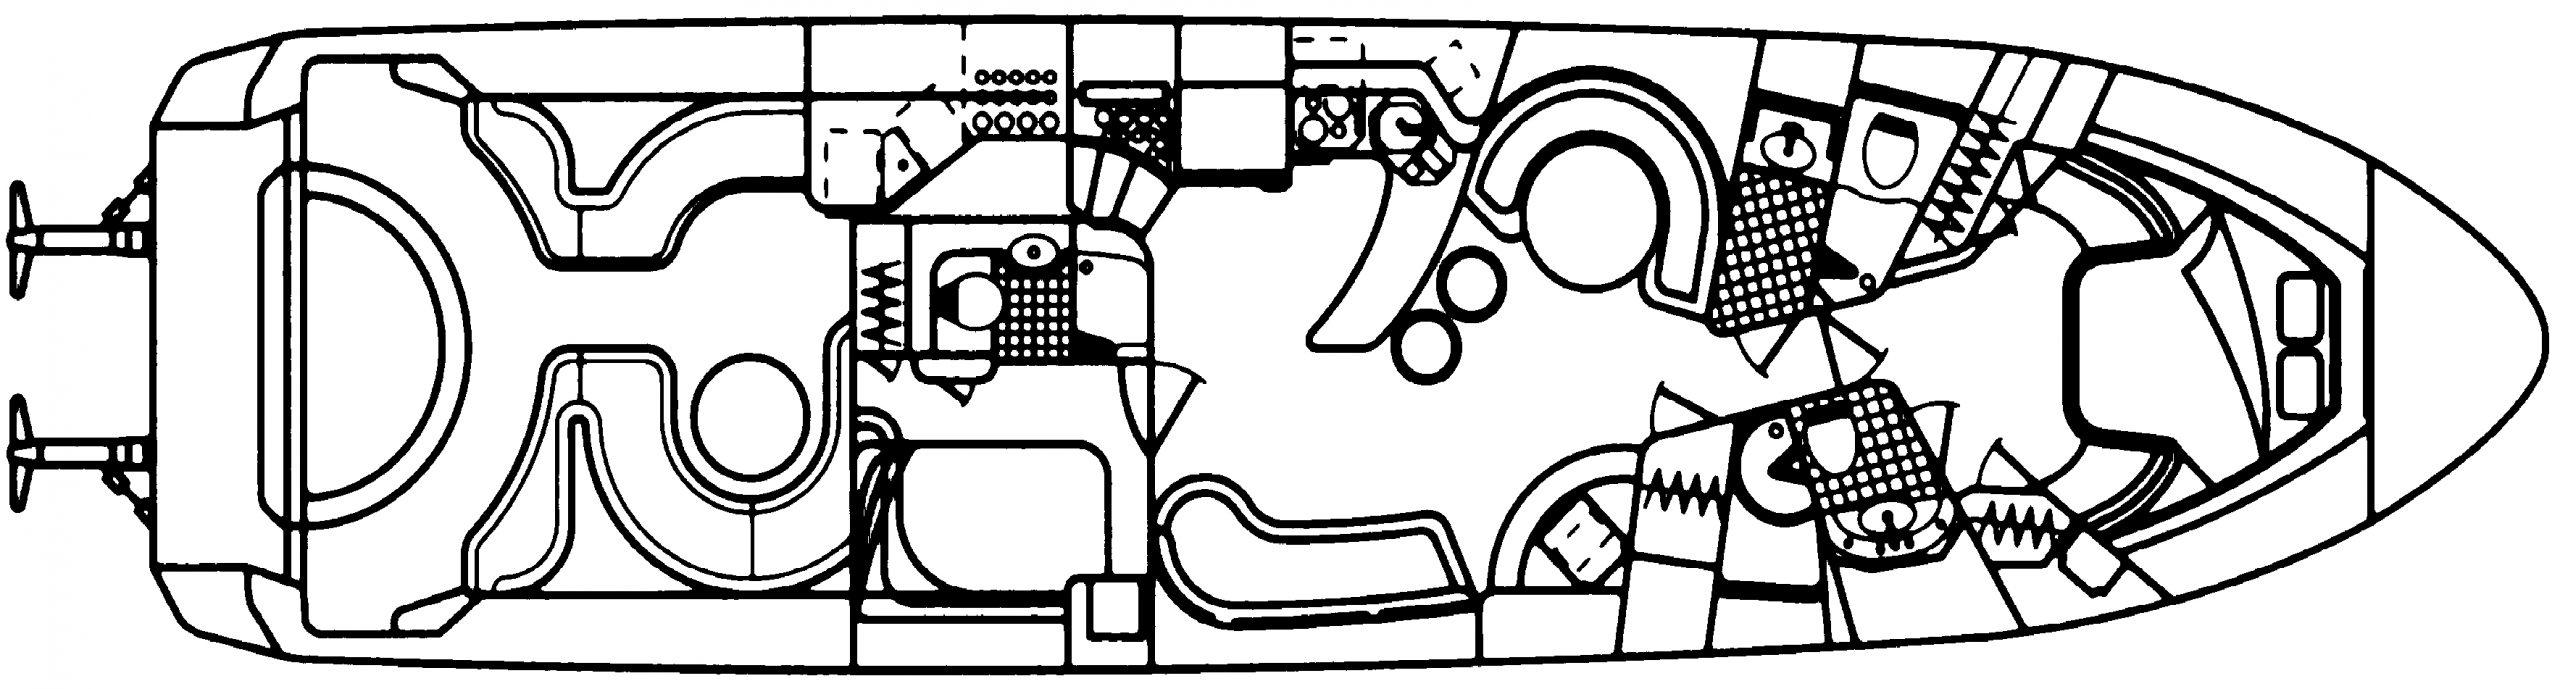 630 Sundancer Floor Plan 1